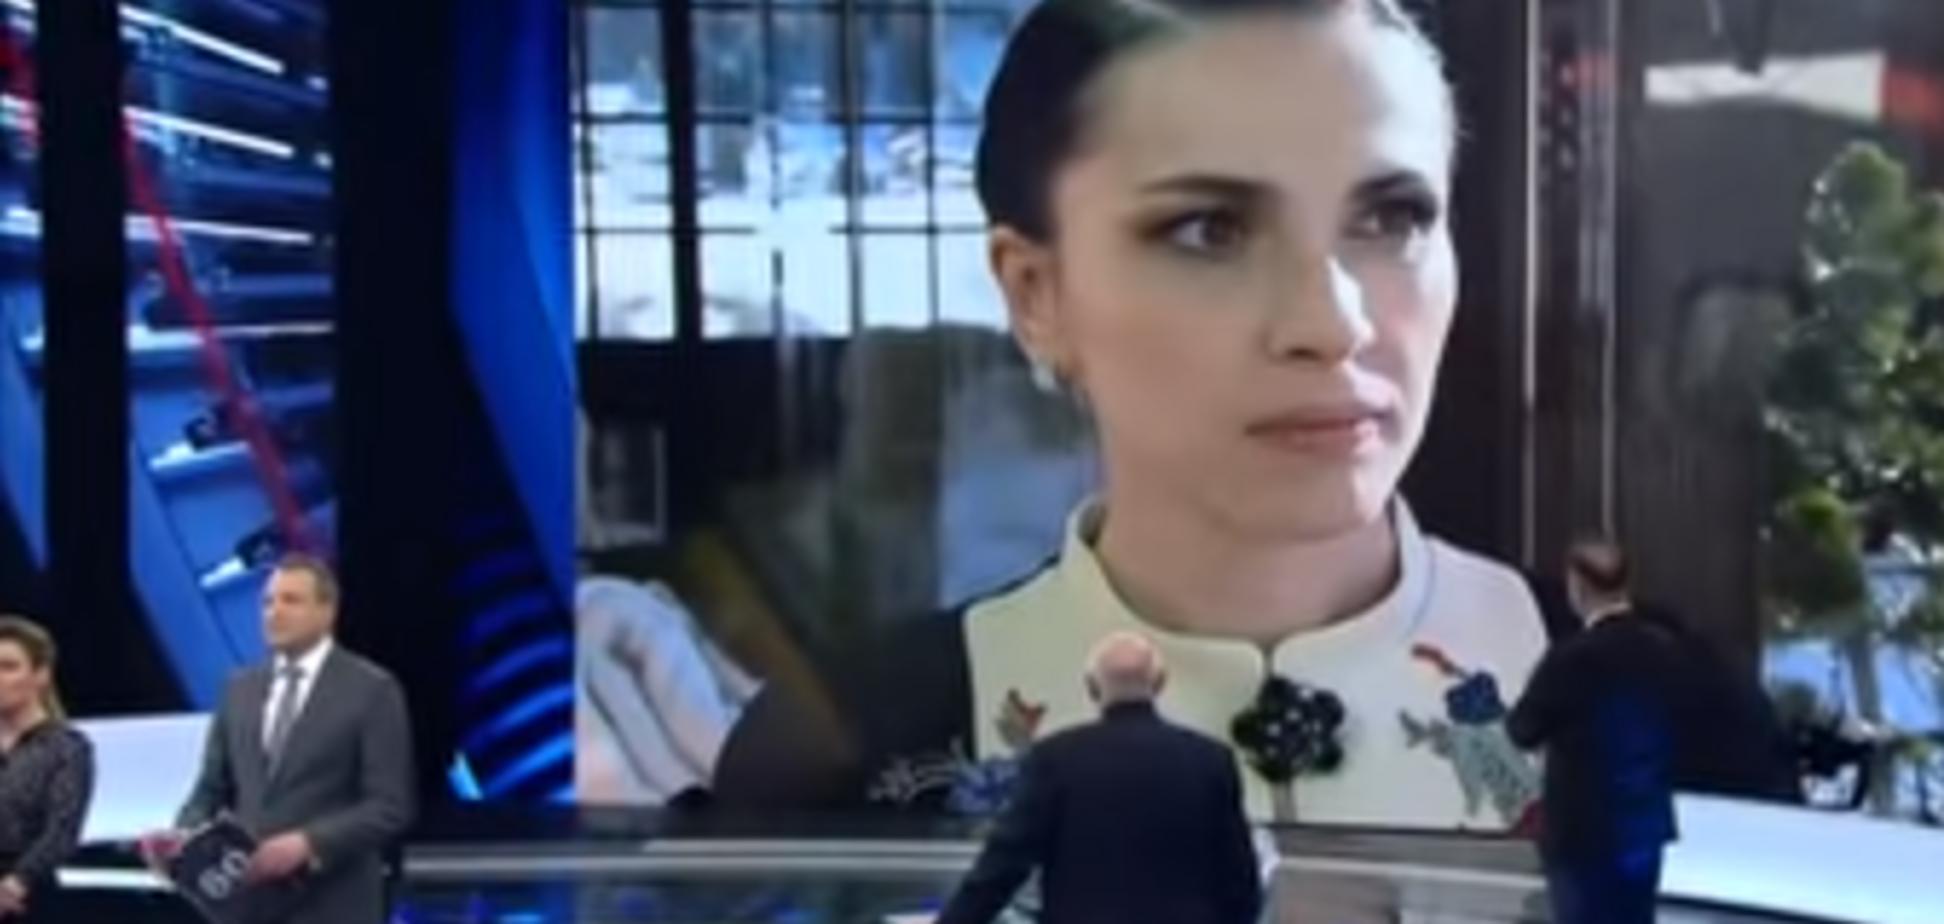 'Как войска РФ на Донбассе': скандальная журналистка в вышиванке съязвила о провокации с Порошенко